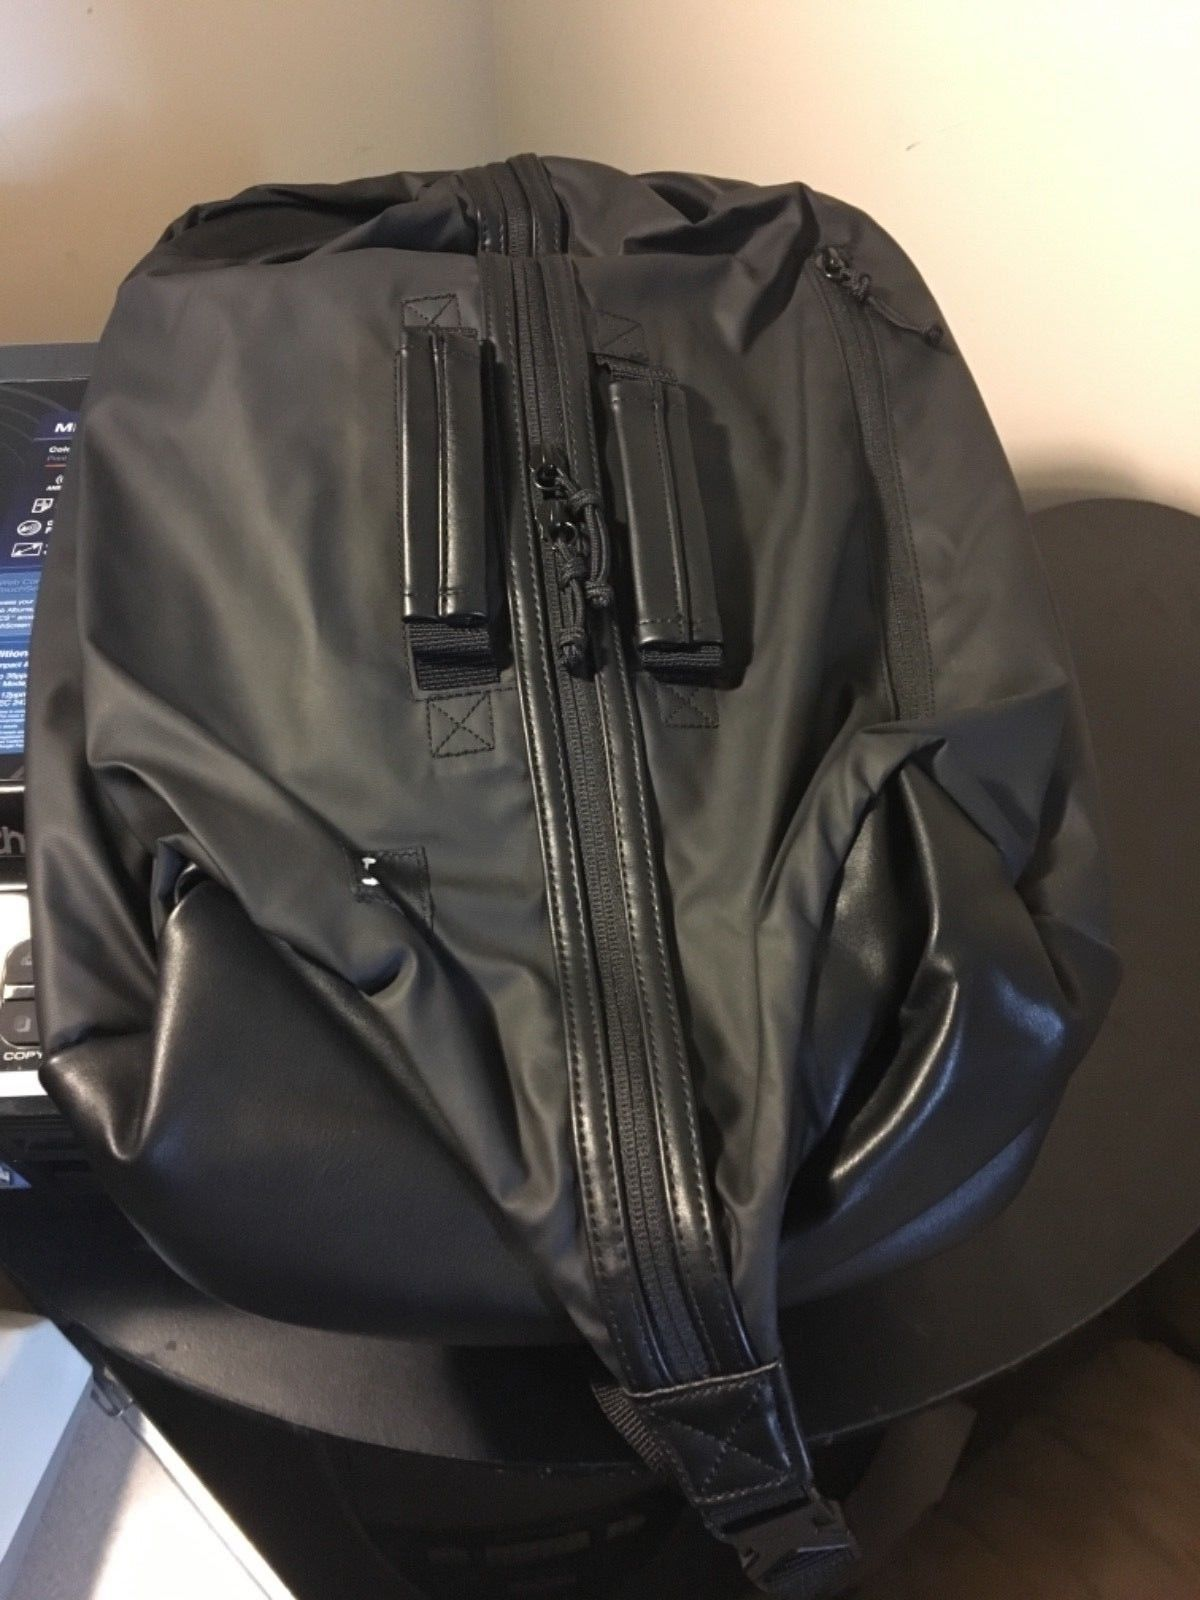 d00f50d53530 Nike Air Jordan Duffel Laptop Backpack Black and 50 similar items. 57